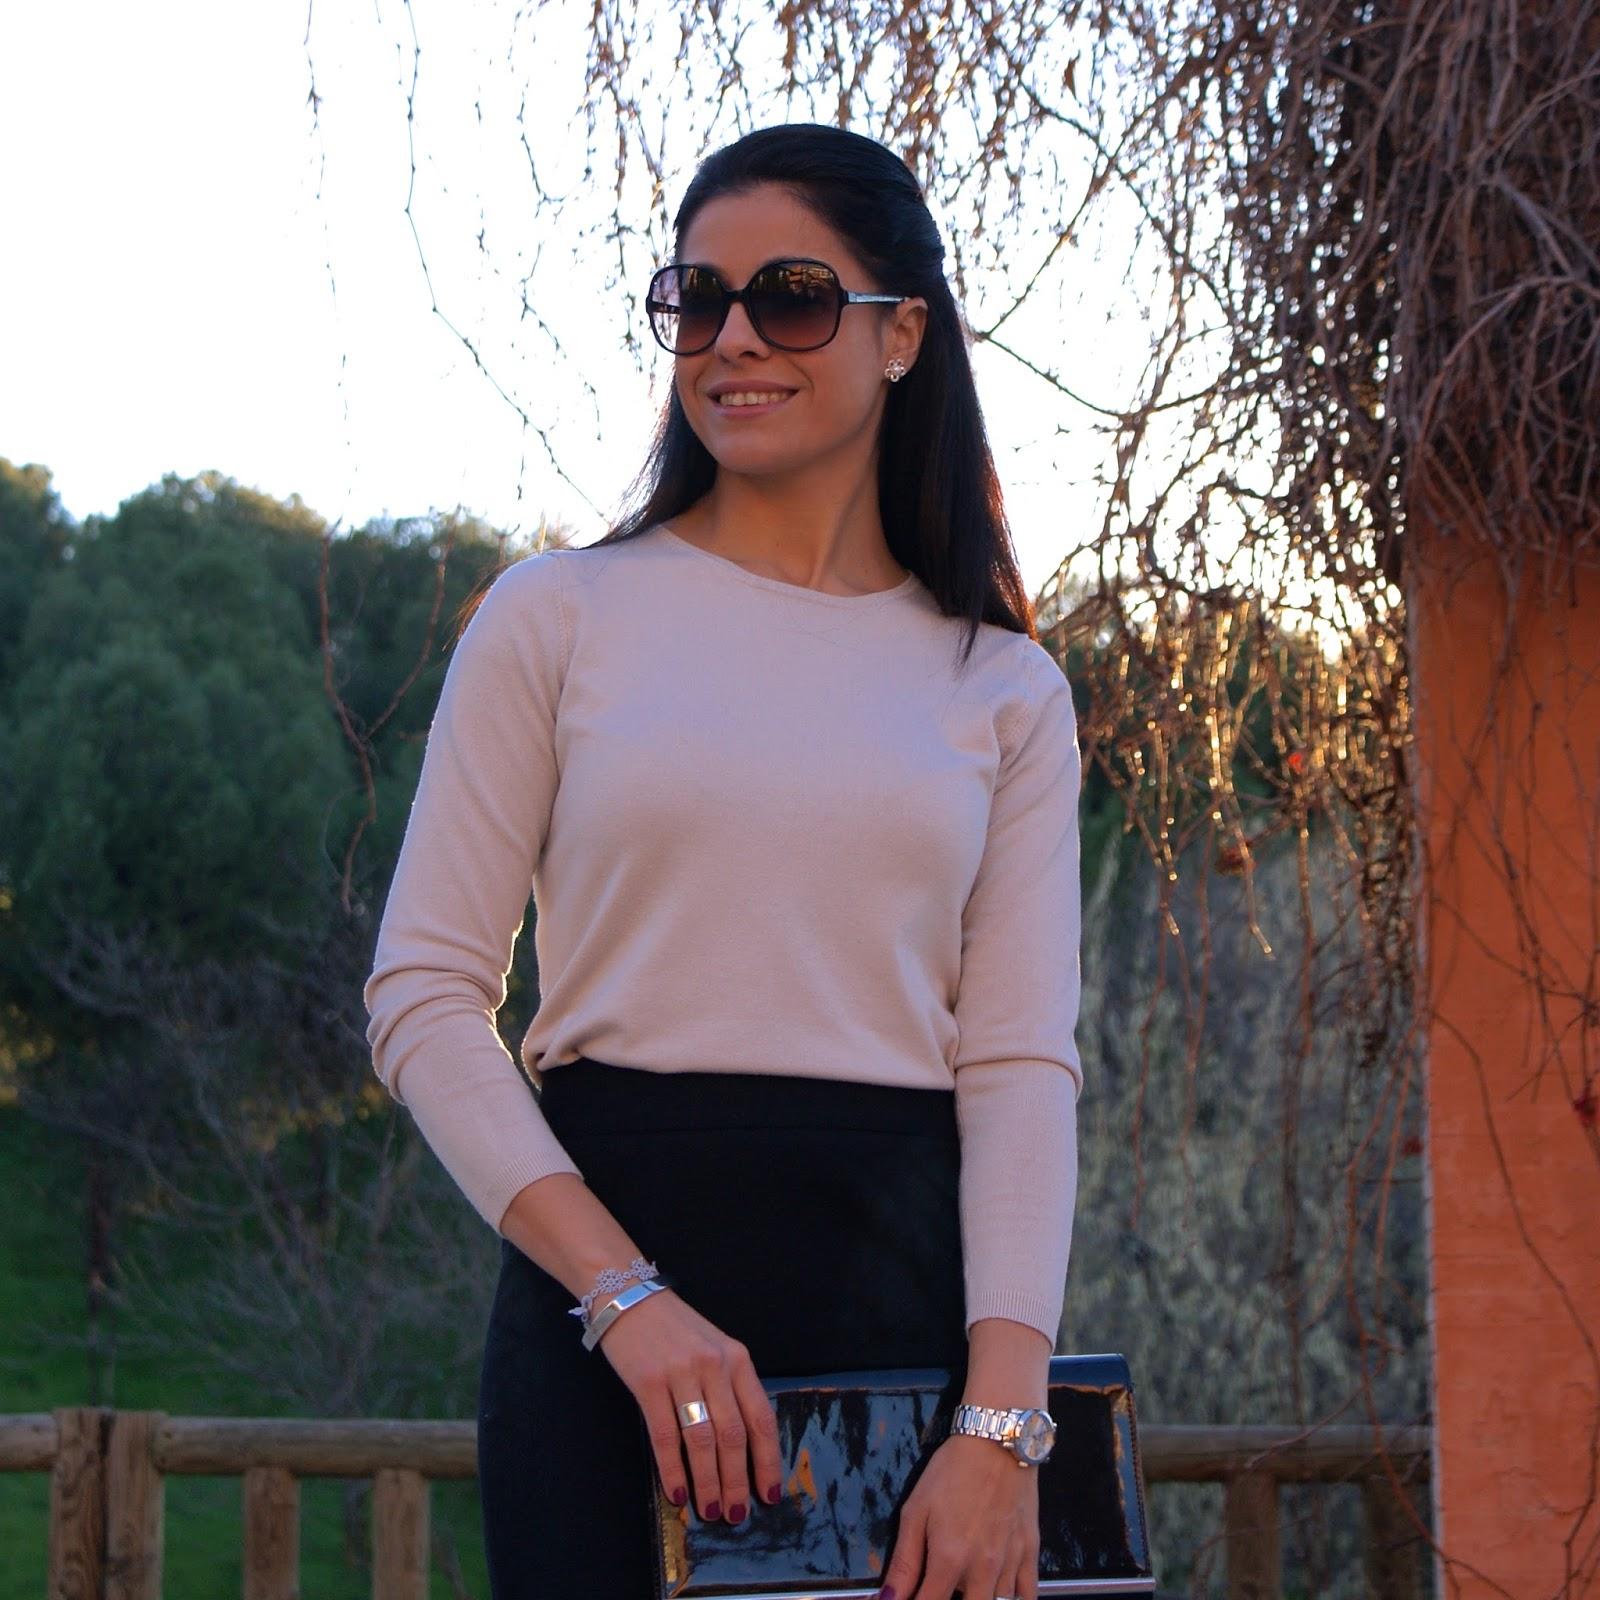 la-caprichossa-blog-de-moda-invierno-2014-style-outfit-total-look-navidad-falda-lapiz